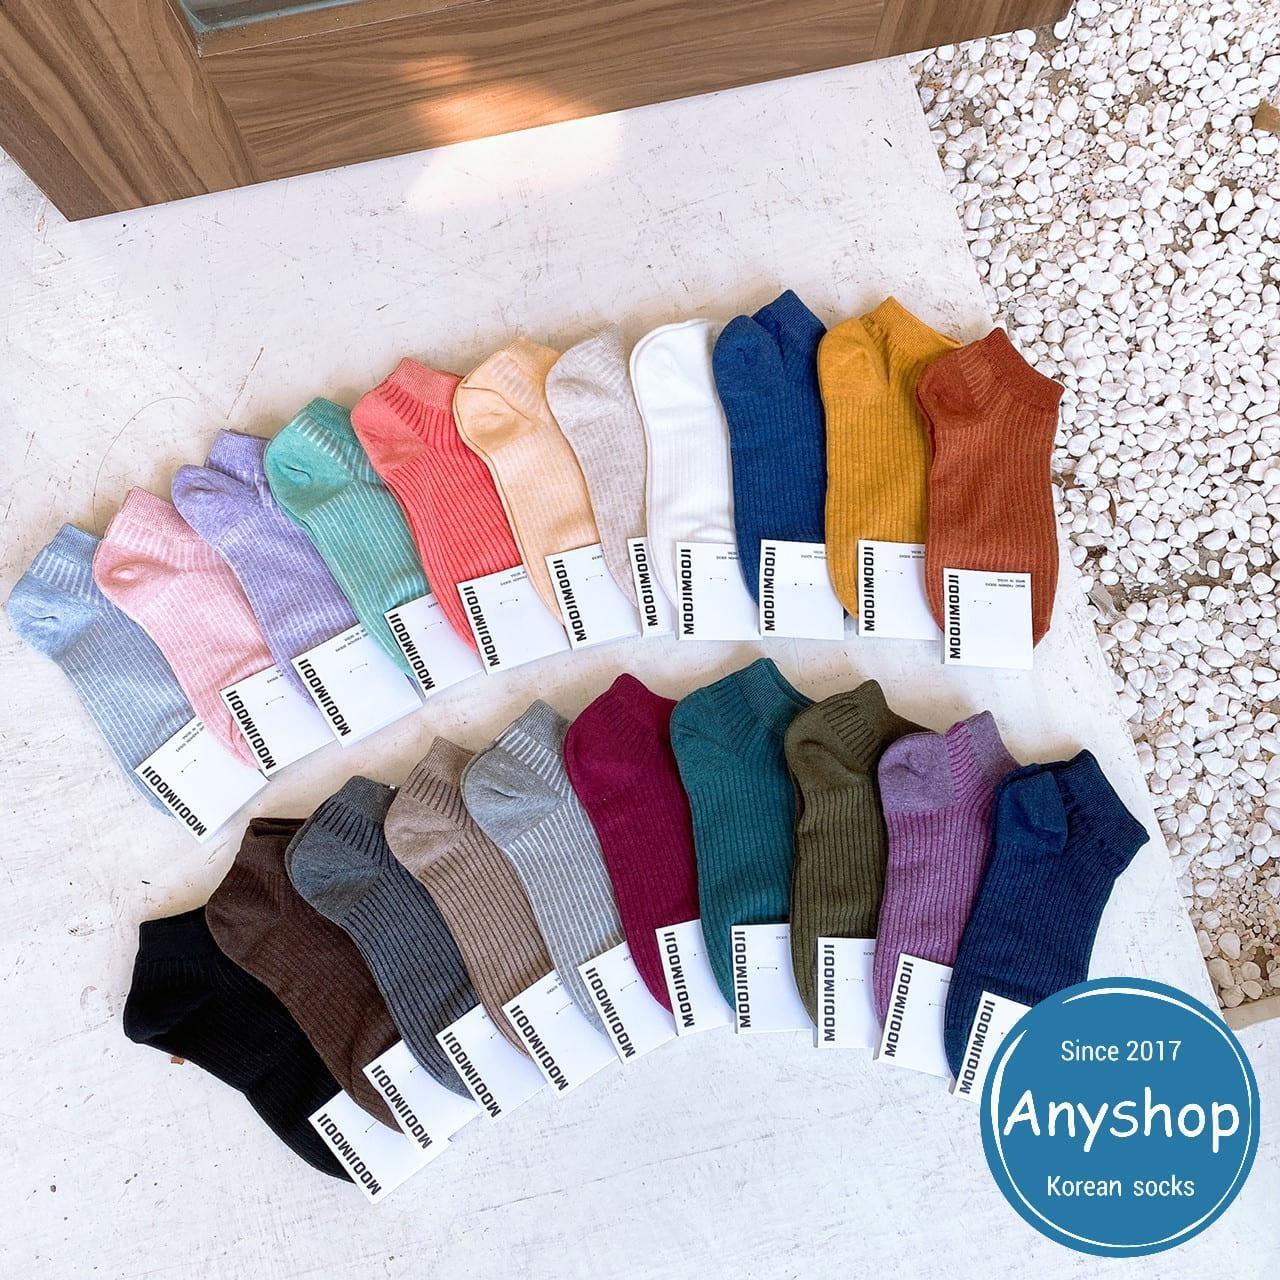 韓國襪-[Anyshop]經典素色多彩短襪